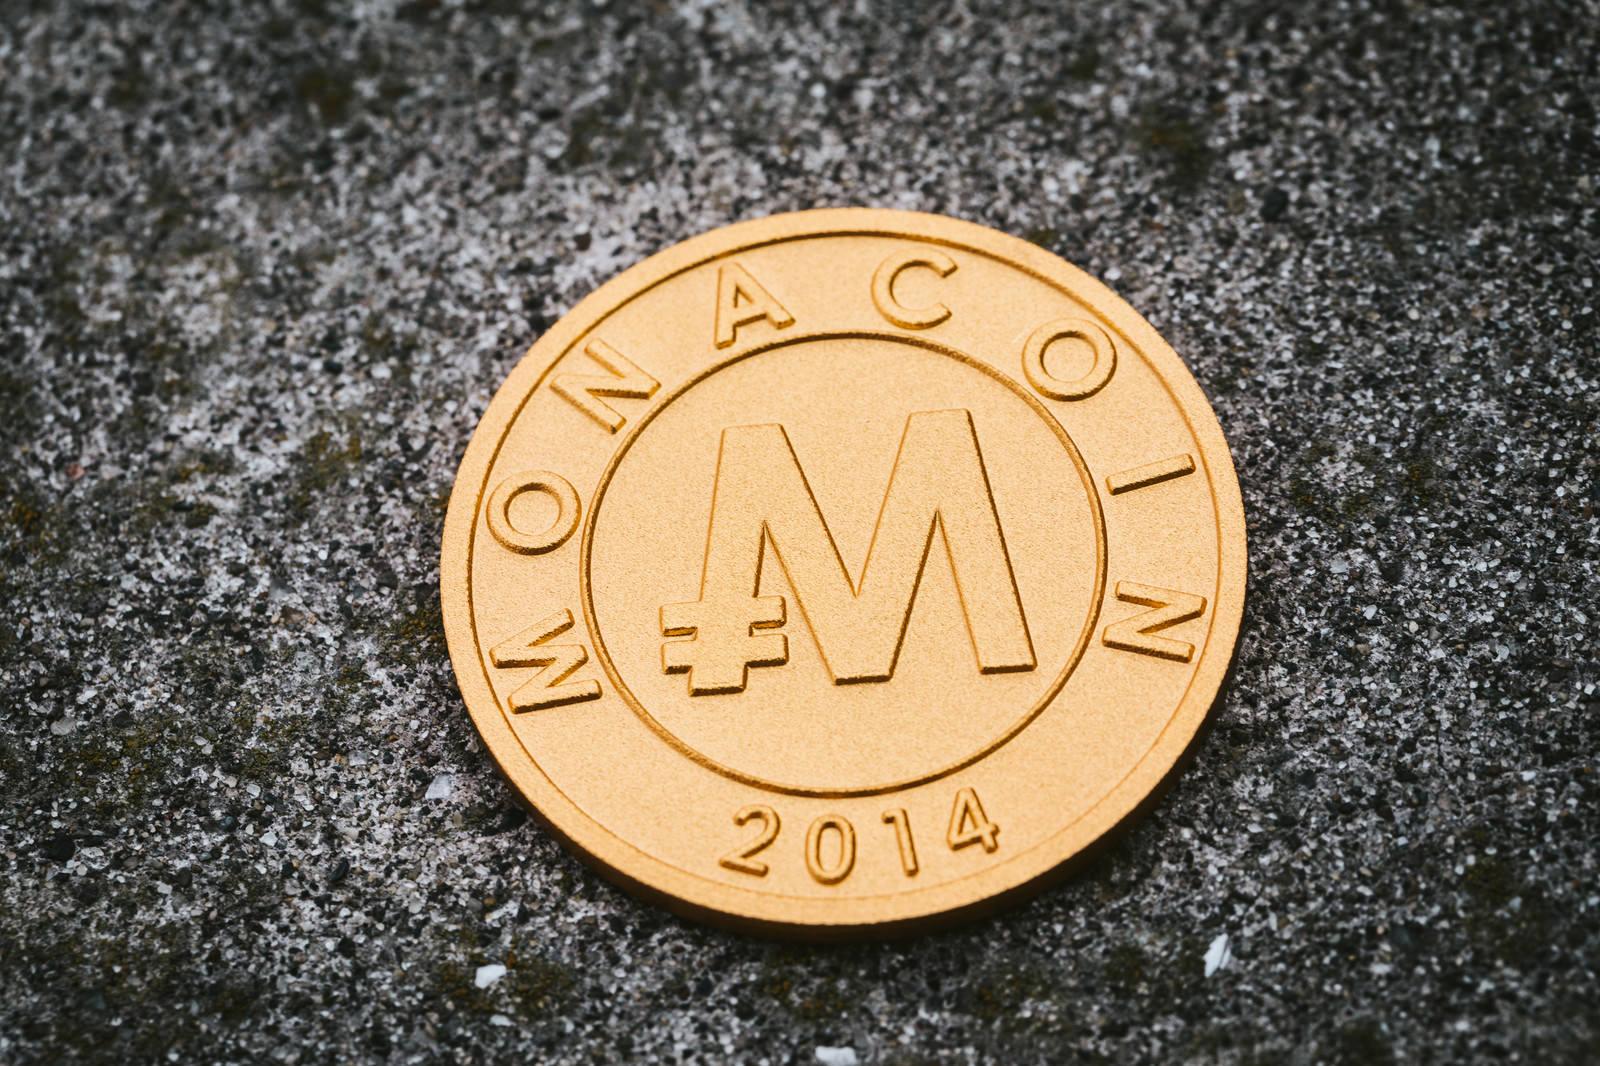 「仮想通貨モナコイン」の写真